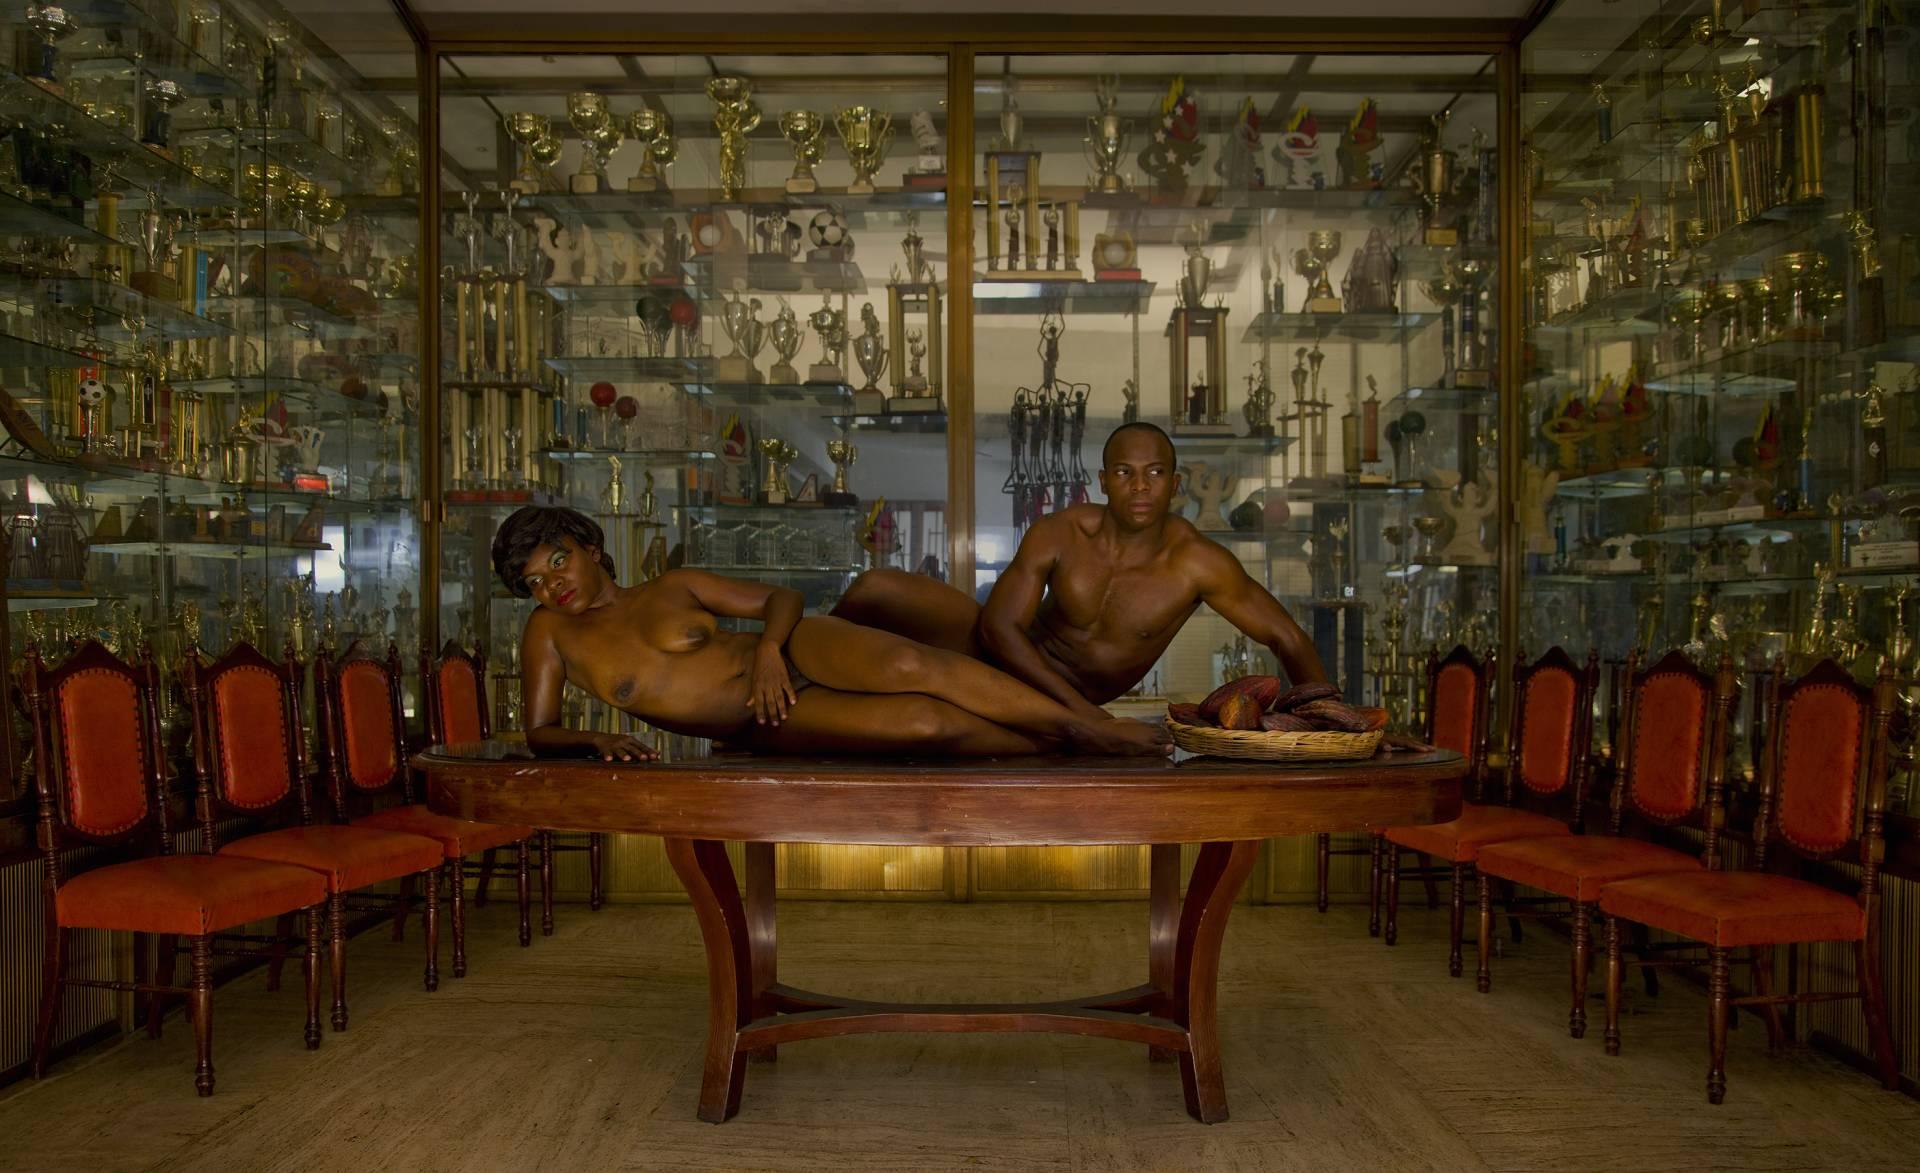 El Cacao. Serie: Ensayando la Postura Nacional. (2010) - Alexander Apóstol